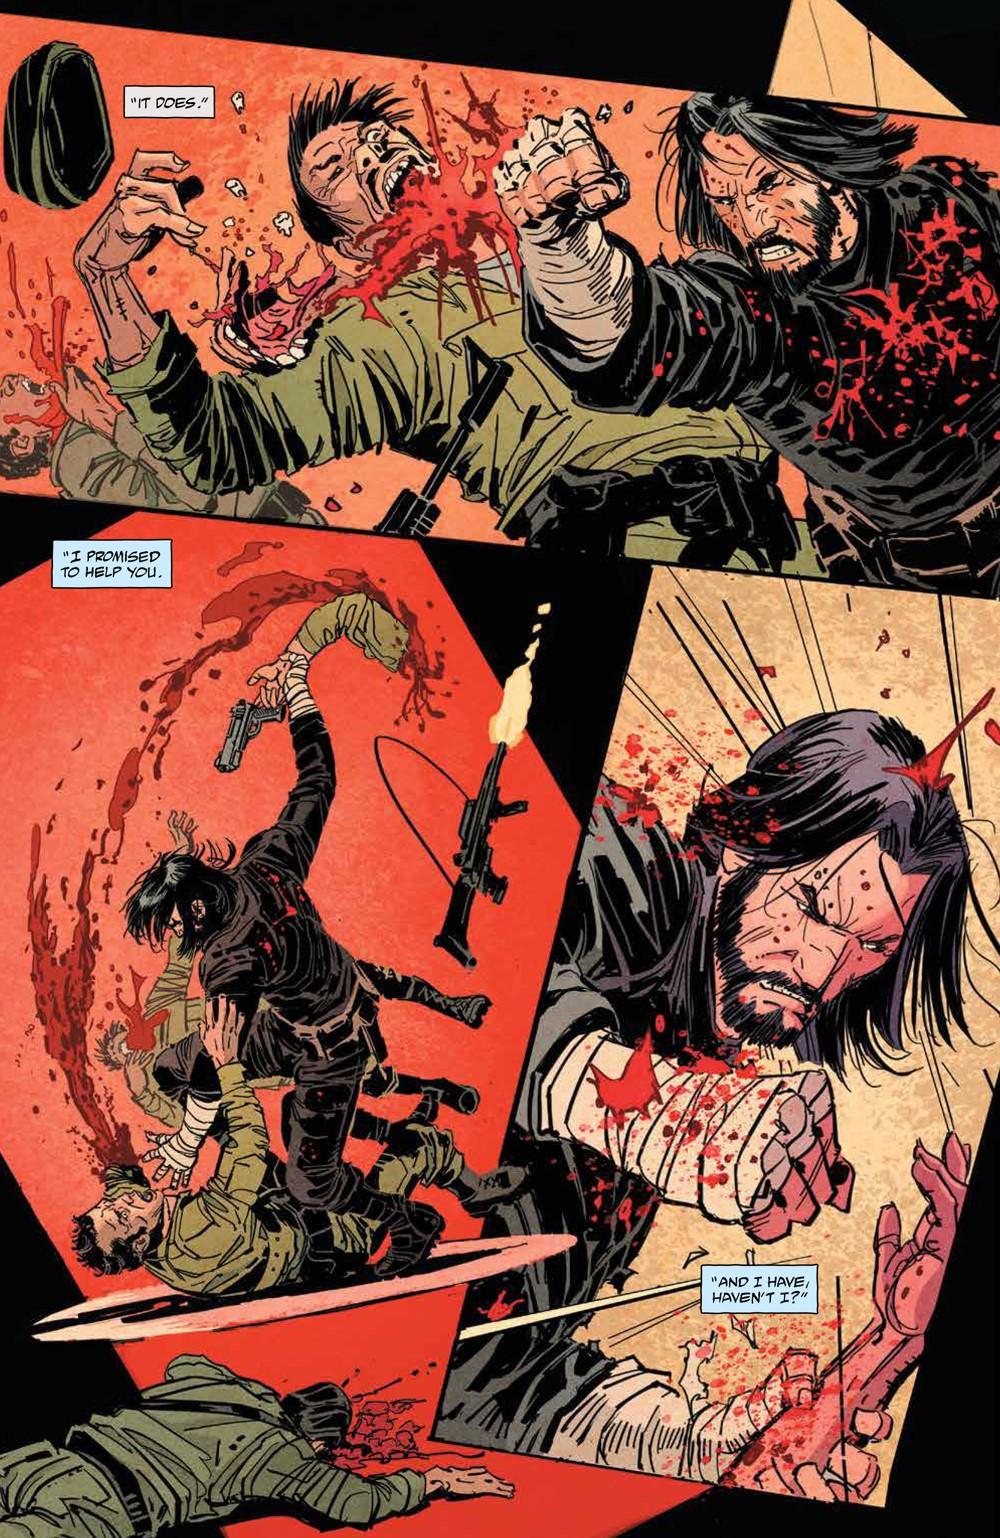 BRZRKR_v1_SC_PRESS_21 ComicList Previews: BRZRKR VOLUME 1 TP